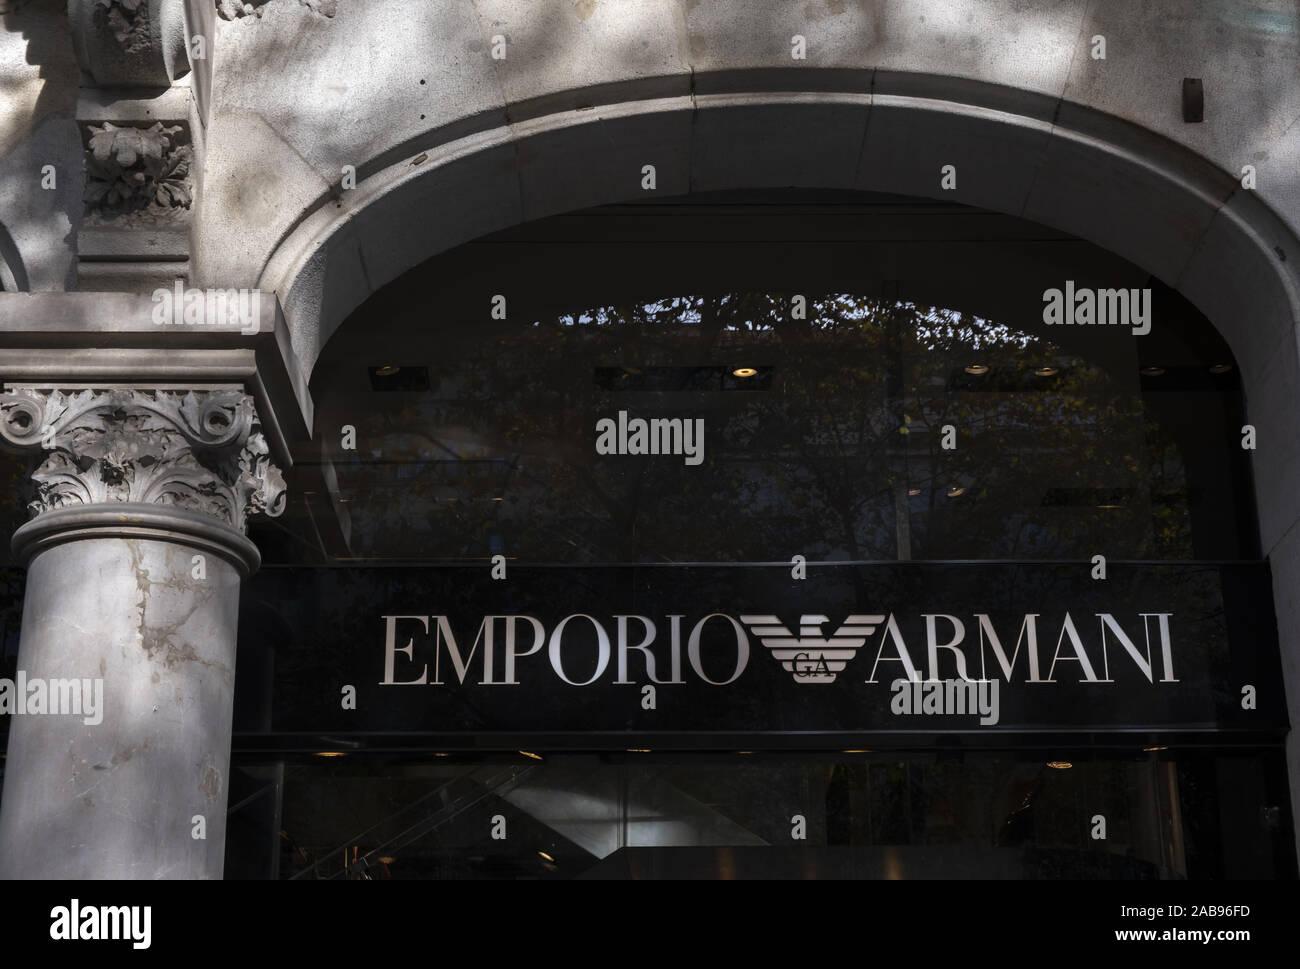 emporio armani black friday